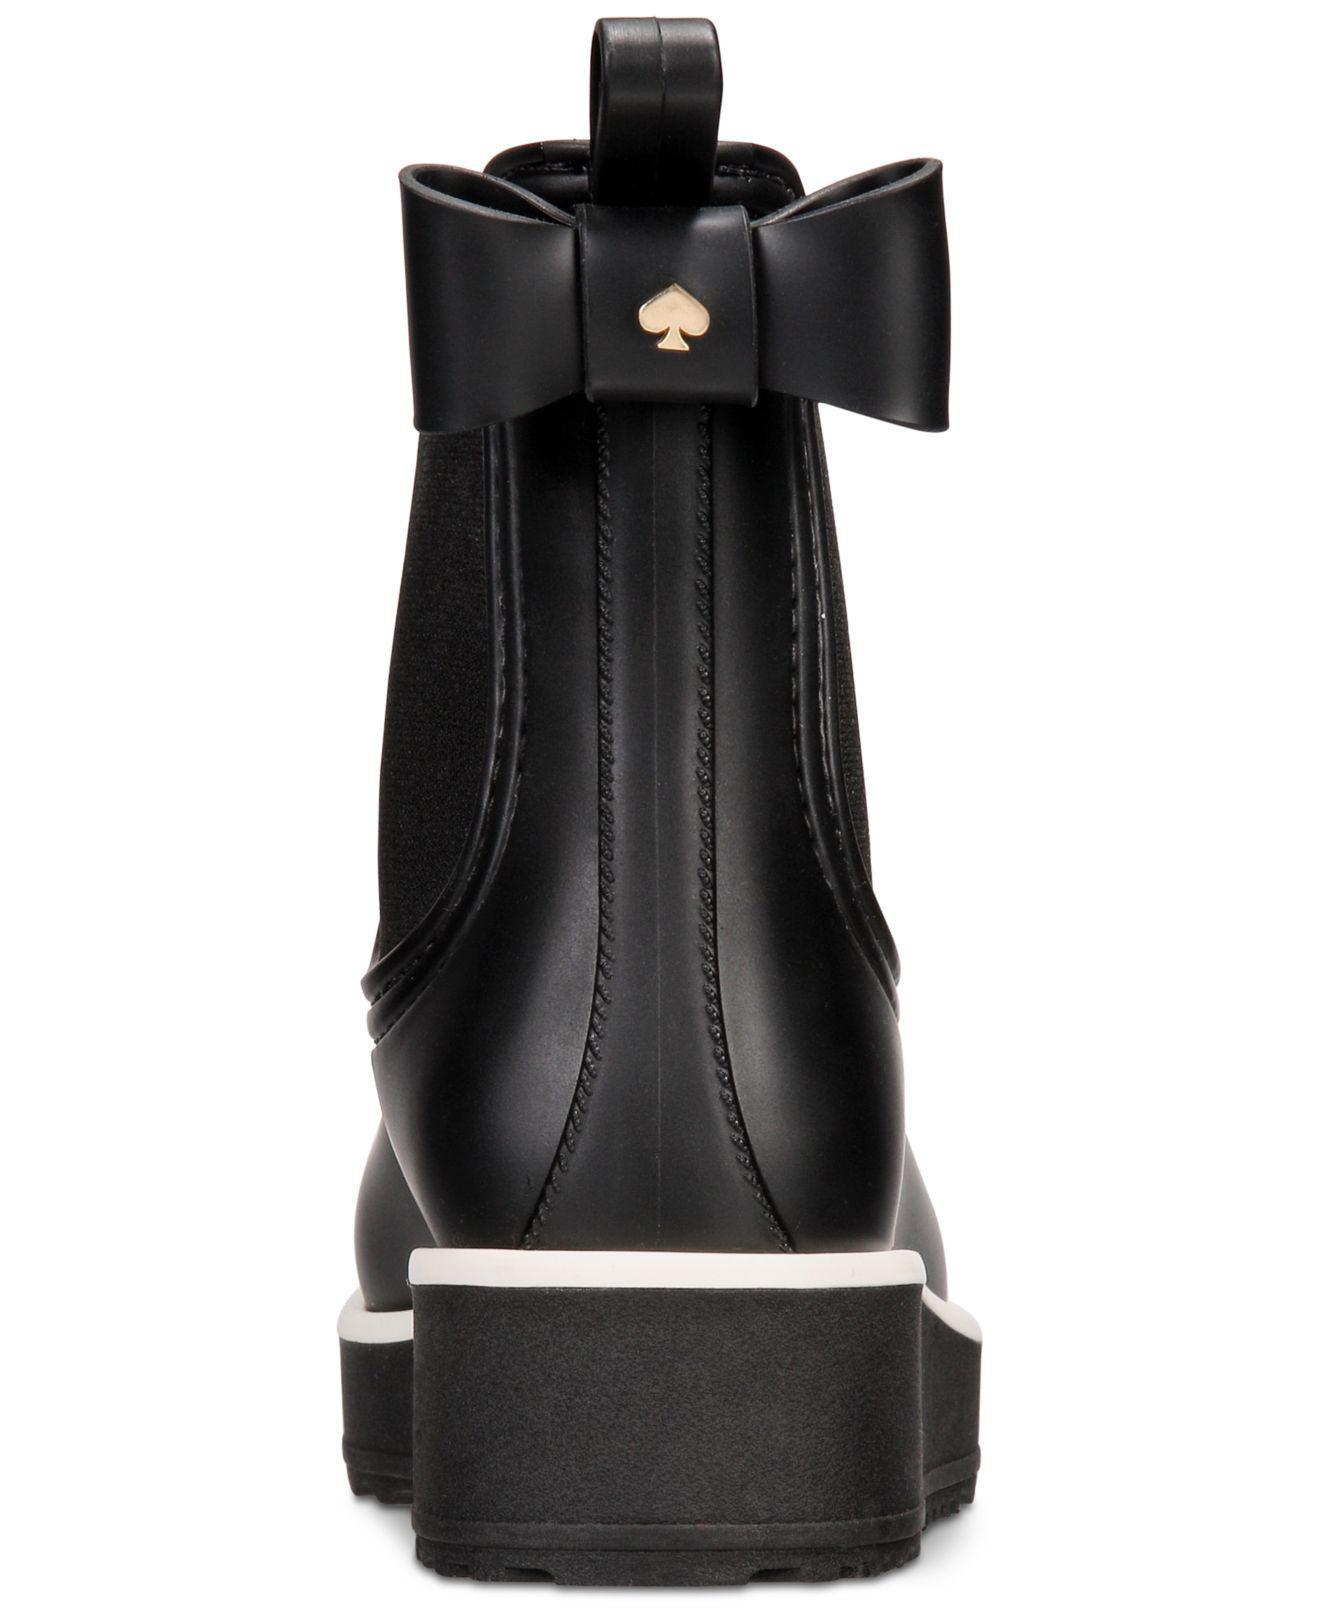 Kate Spade Rubber Malcom Rain Shoe In Black - Lyst-4517